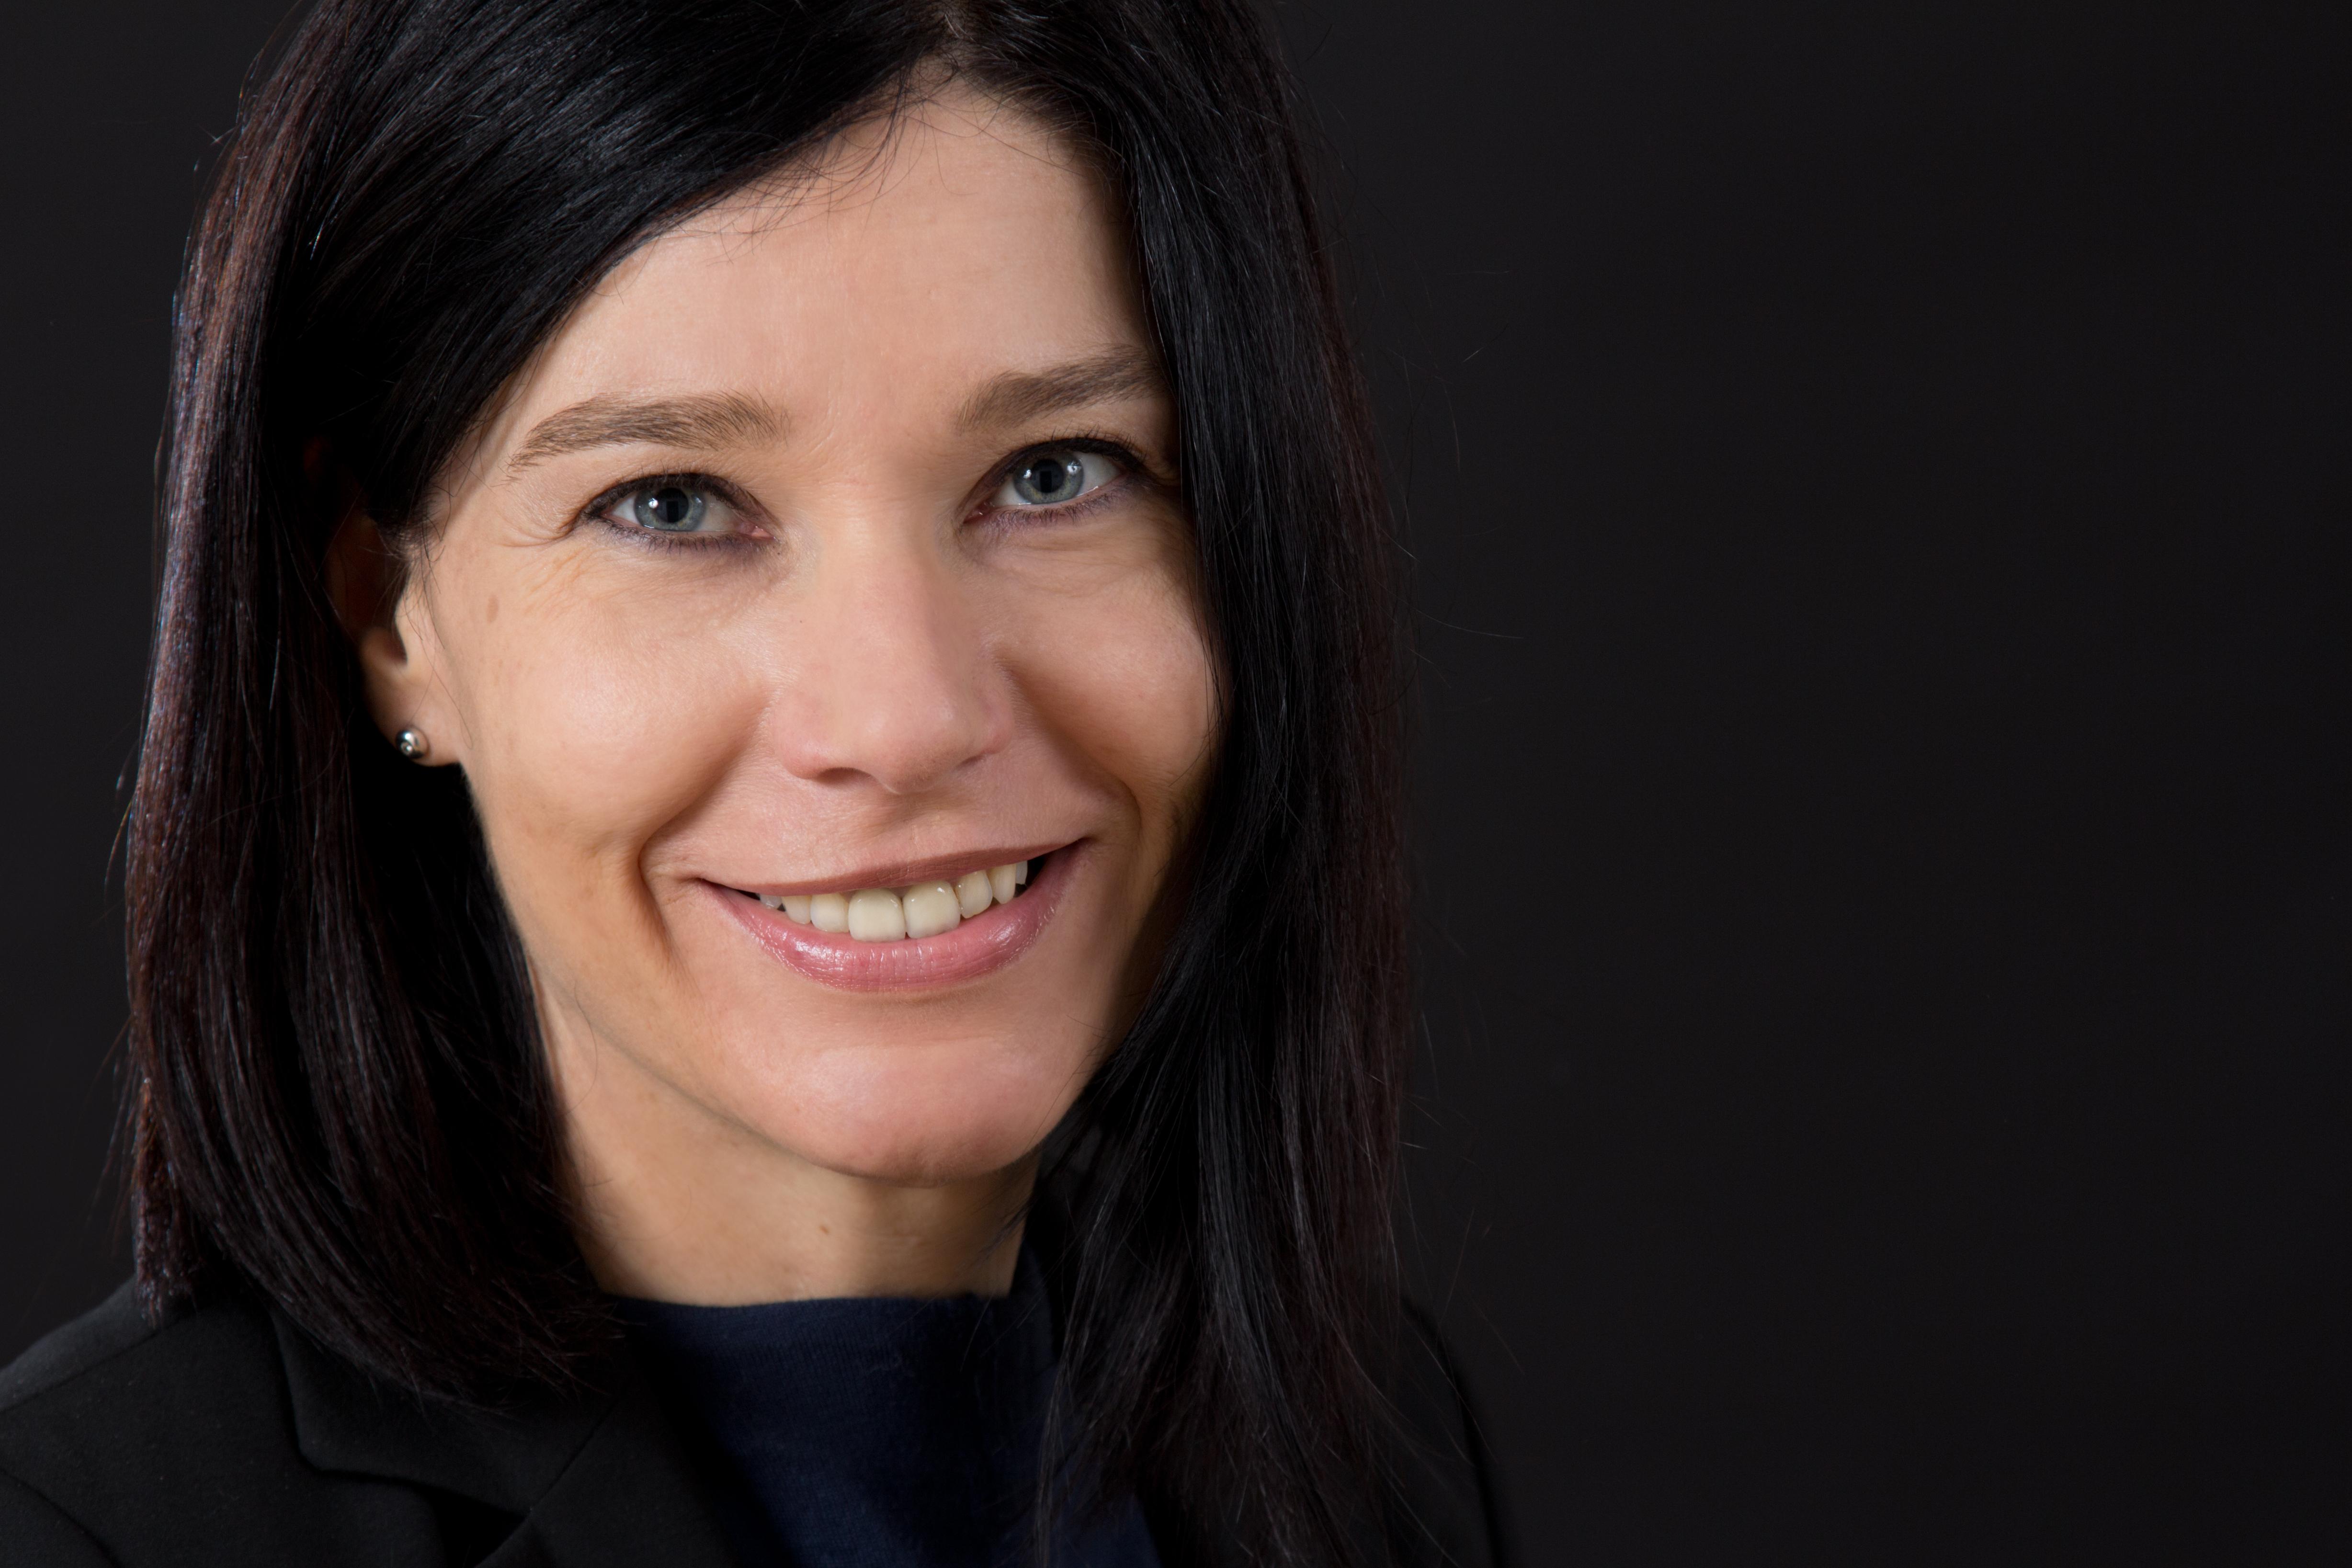 Portrait von Corinna Franzkowiak